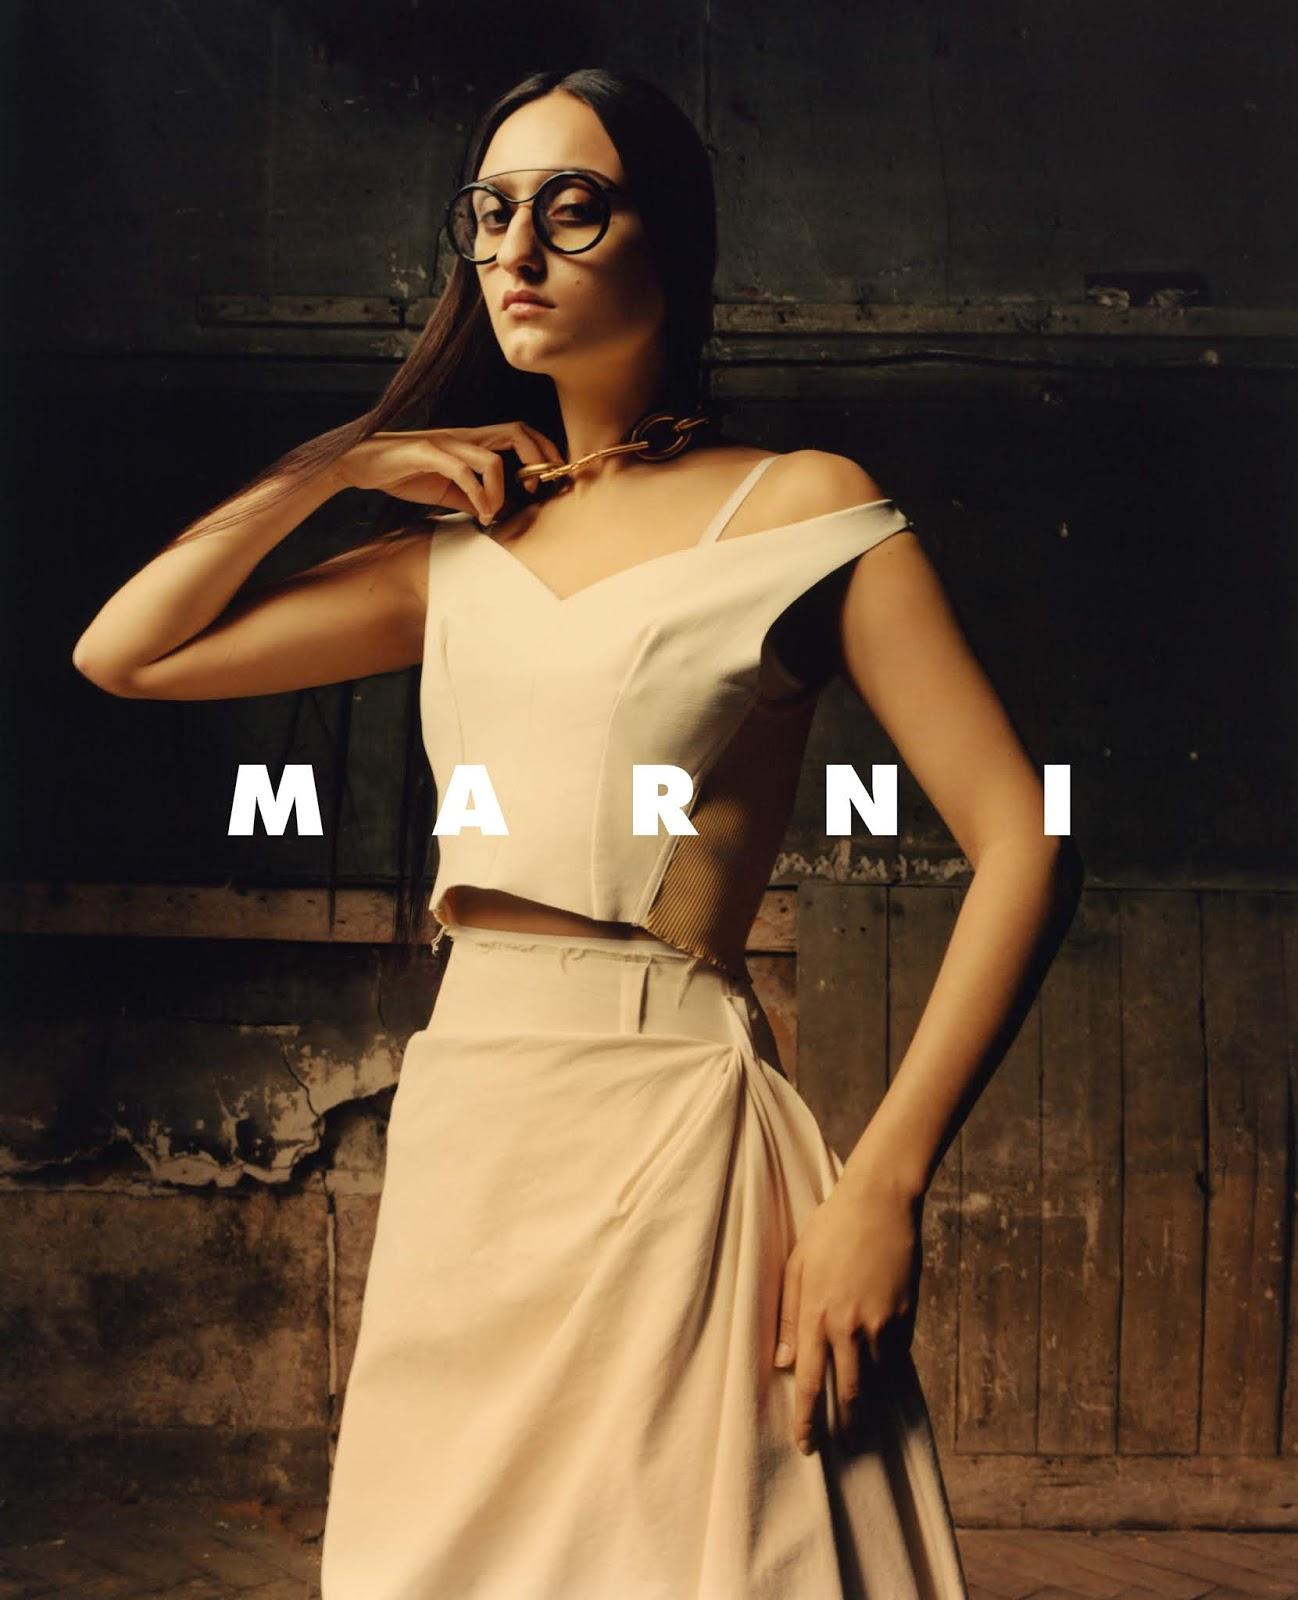 Ad Campaign Marni 5.jpg